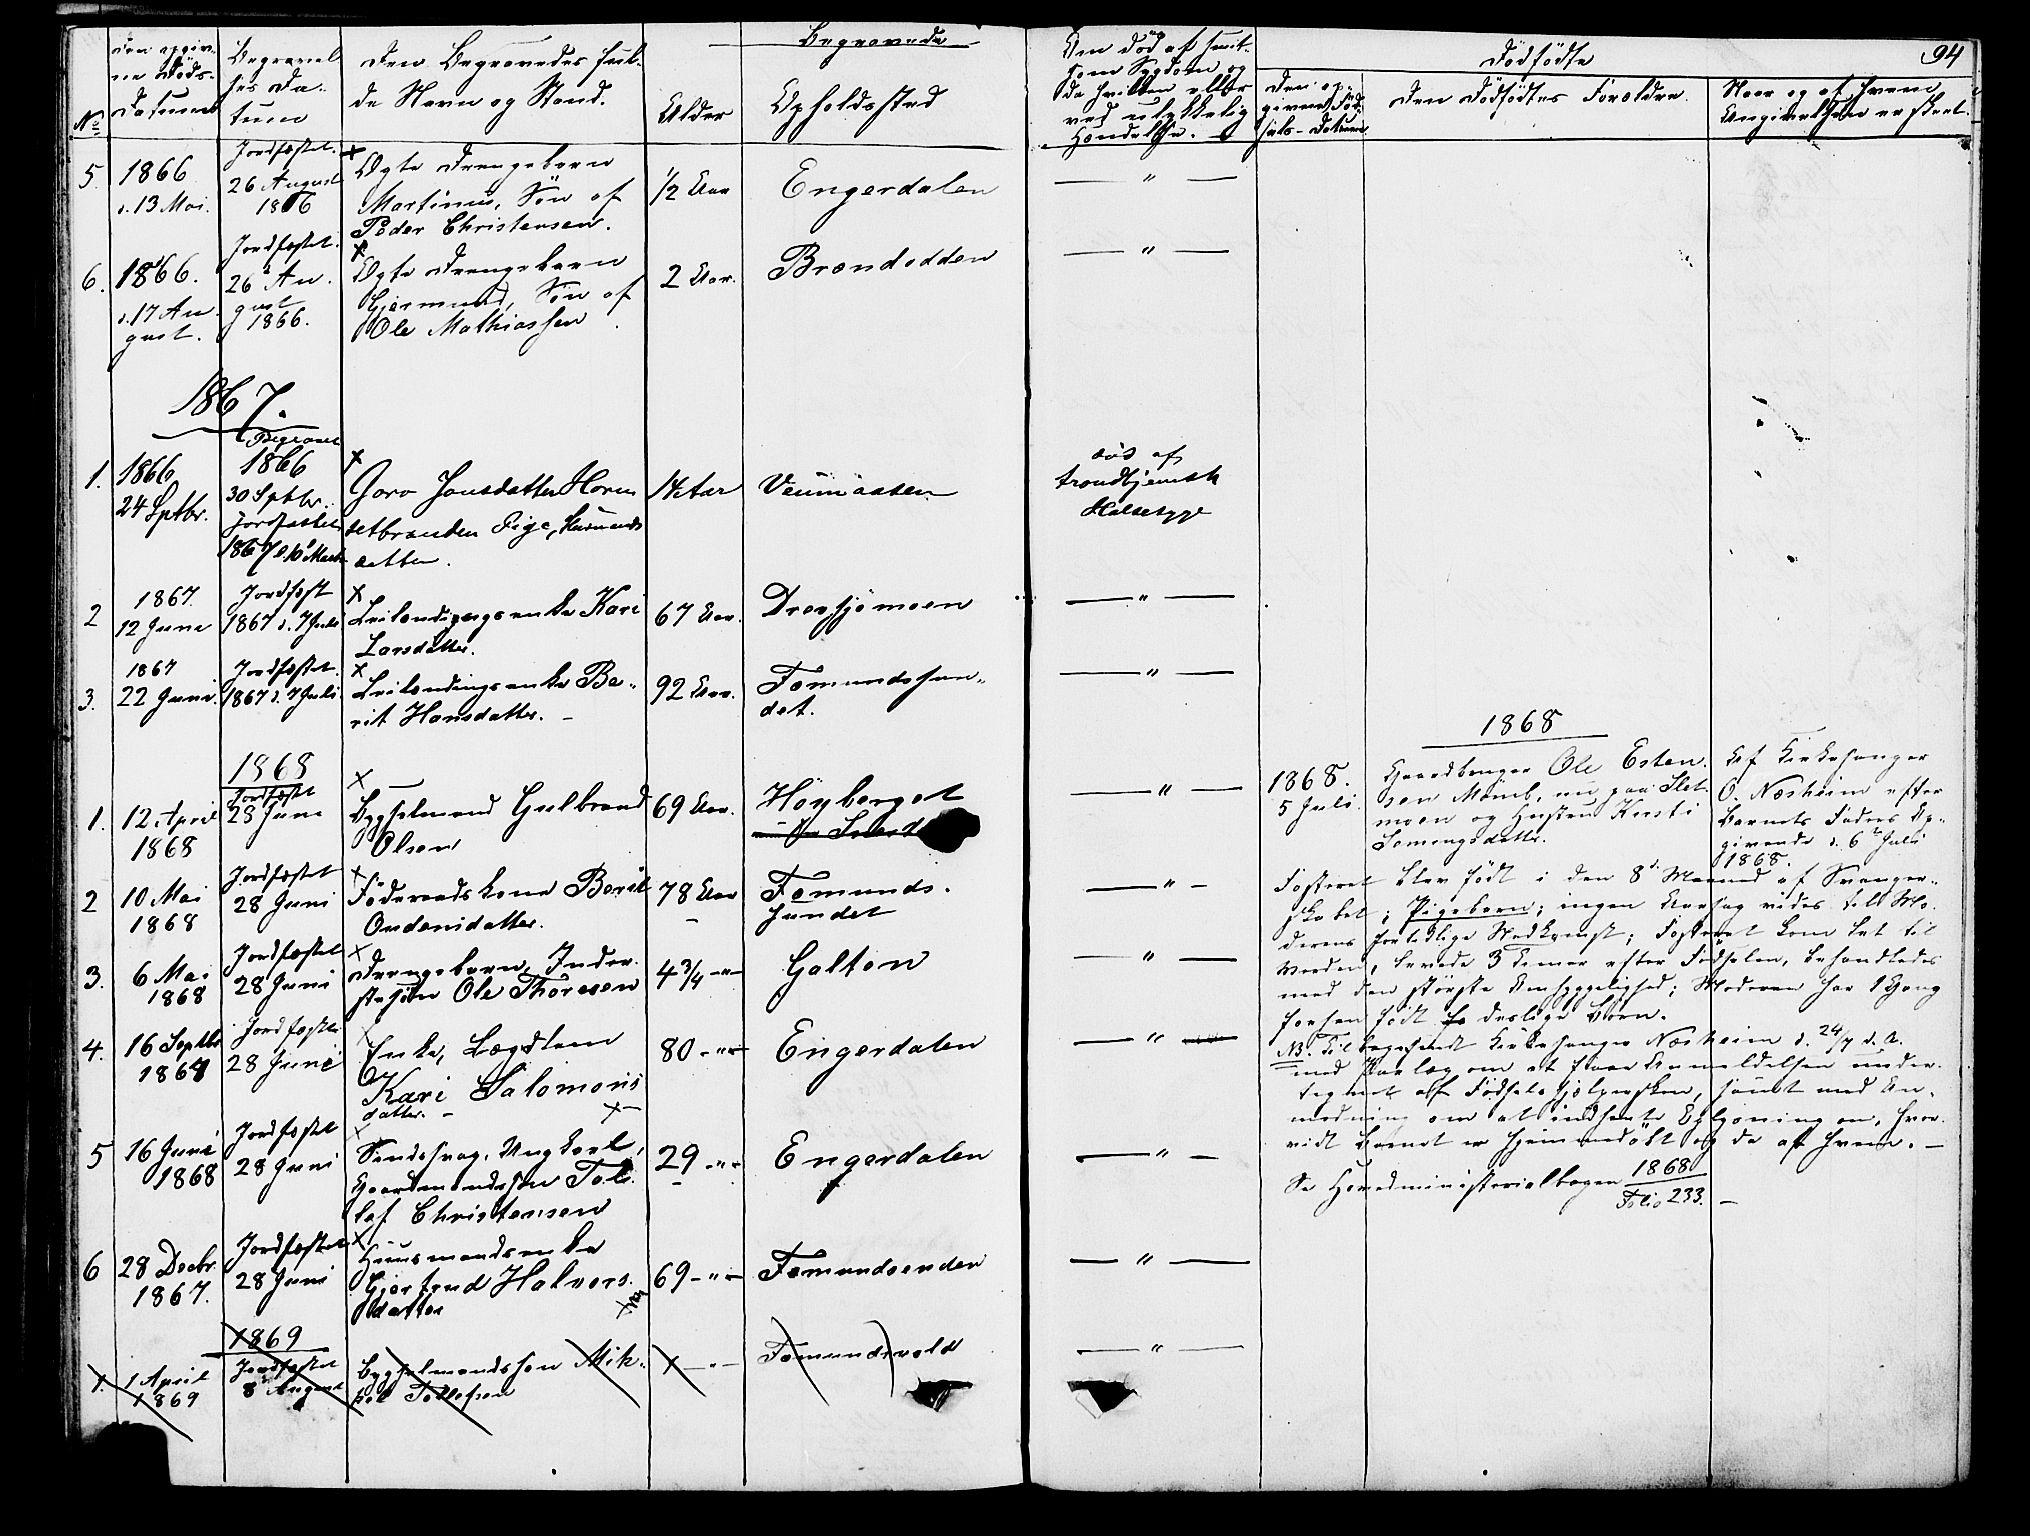 SAH, Rendalen prestekontor, H/Ha/Hab/L0002: Klokkerbok nr. 2, 1858-1880, s. 94